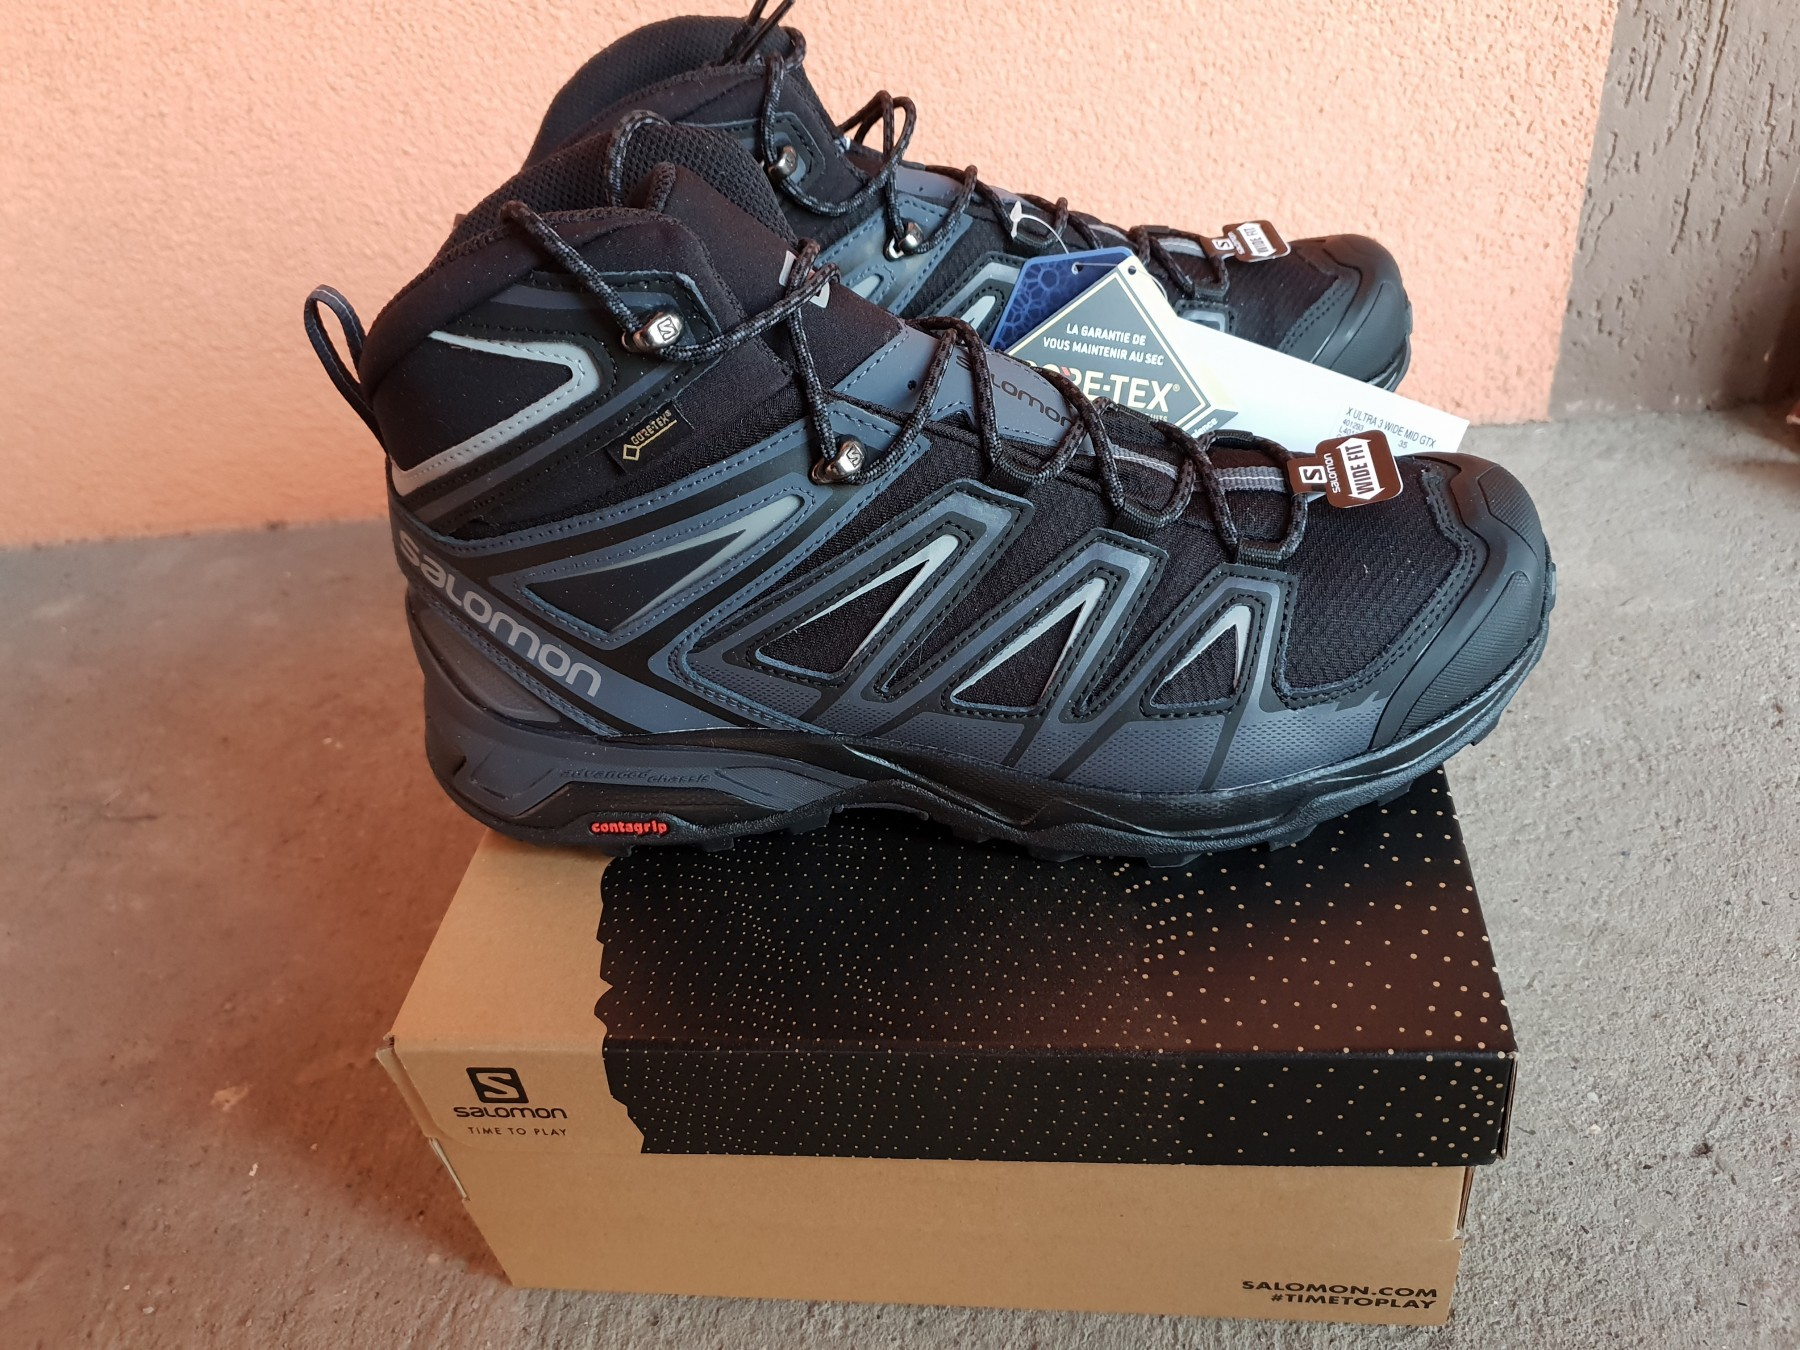 official photos 74a01 b883c Salomon cipele x ultra 3 wide mid gtx - novo - Kupindo.com ...